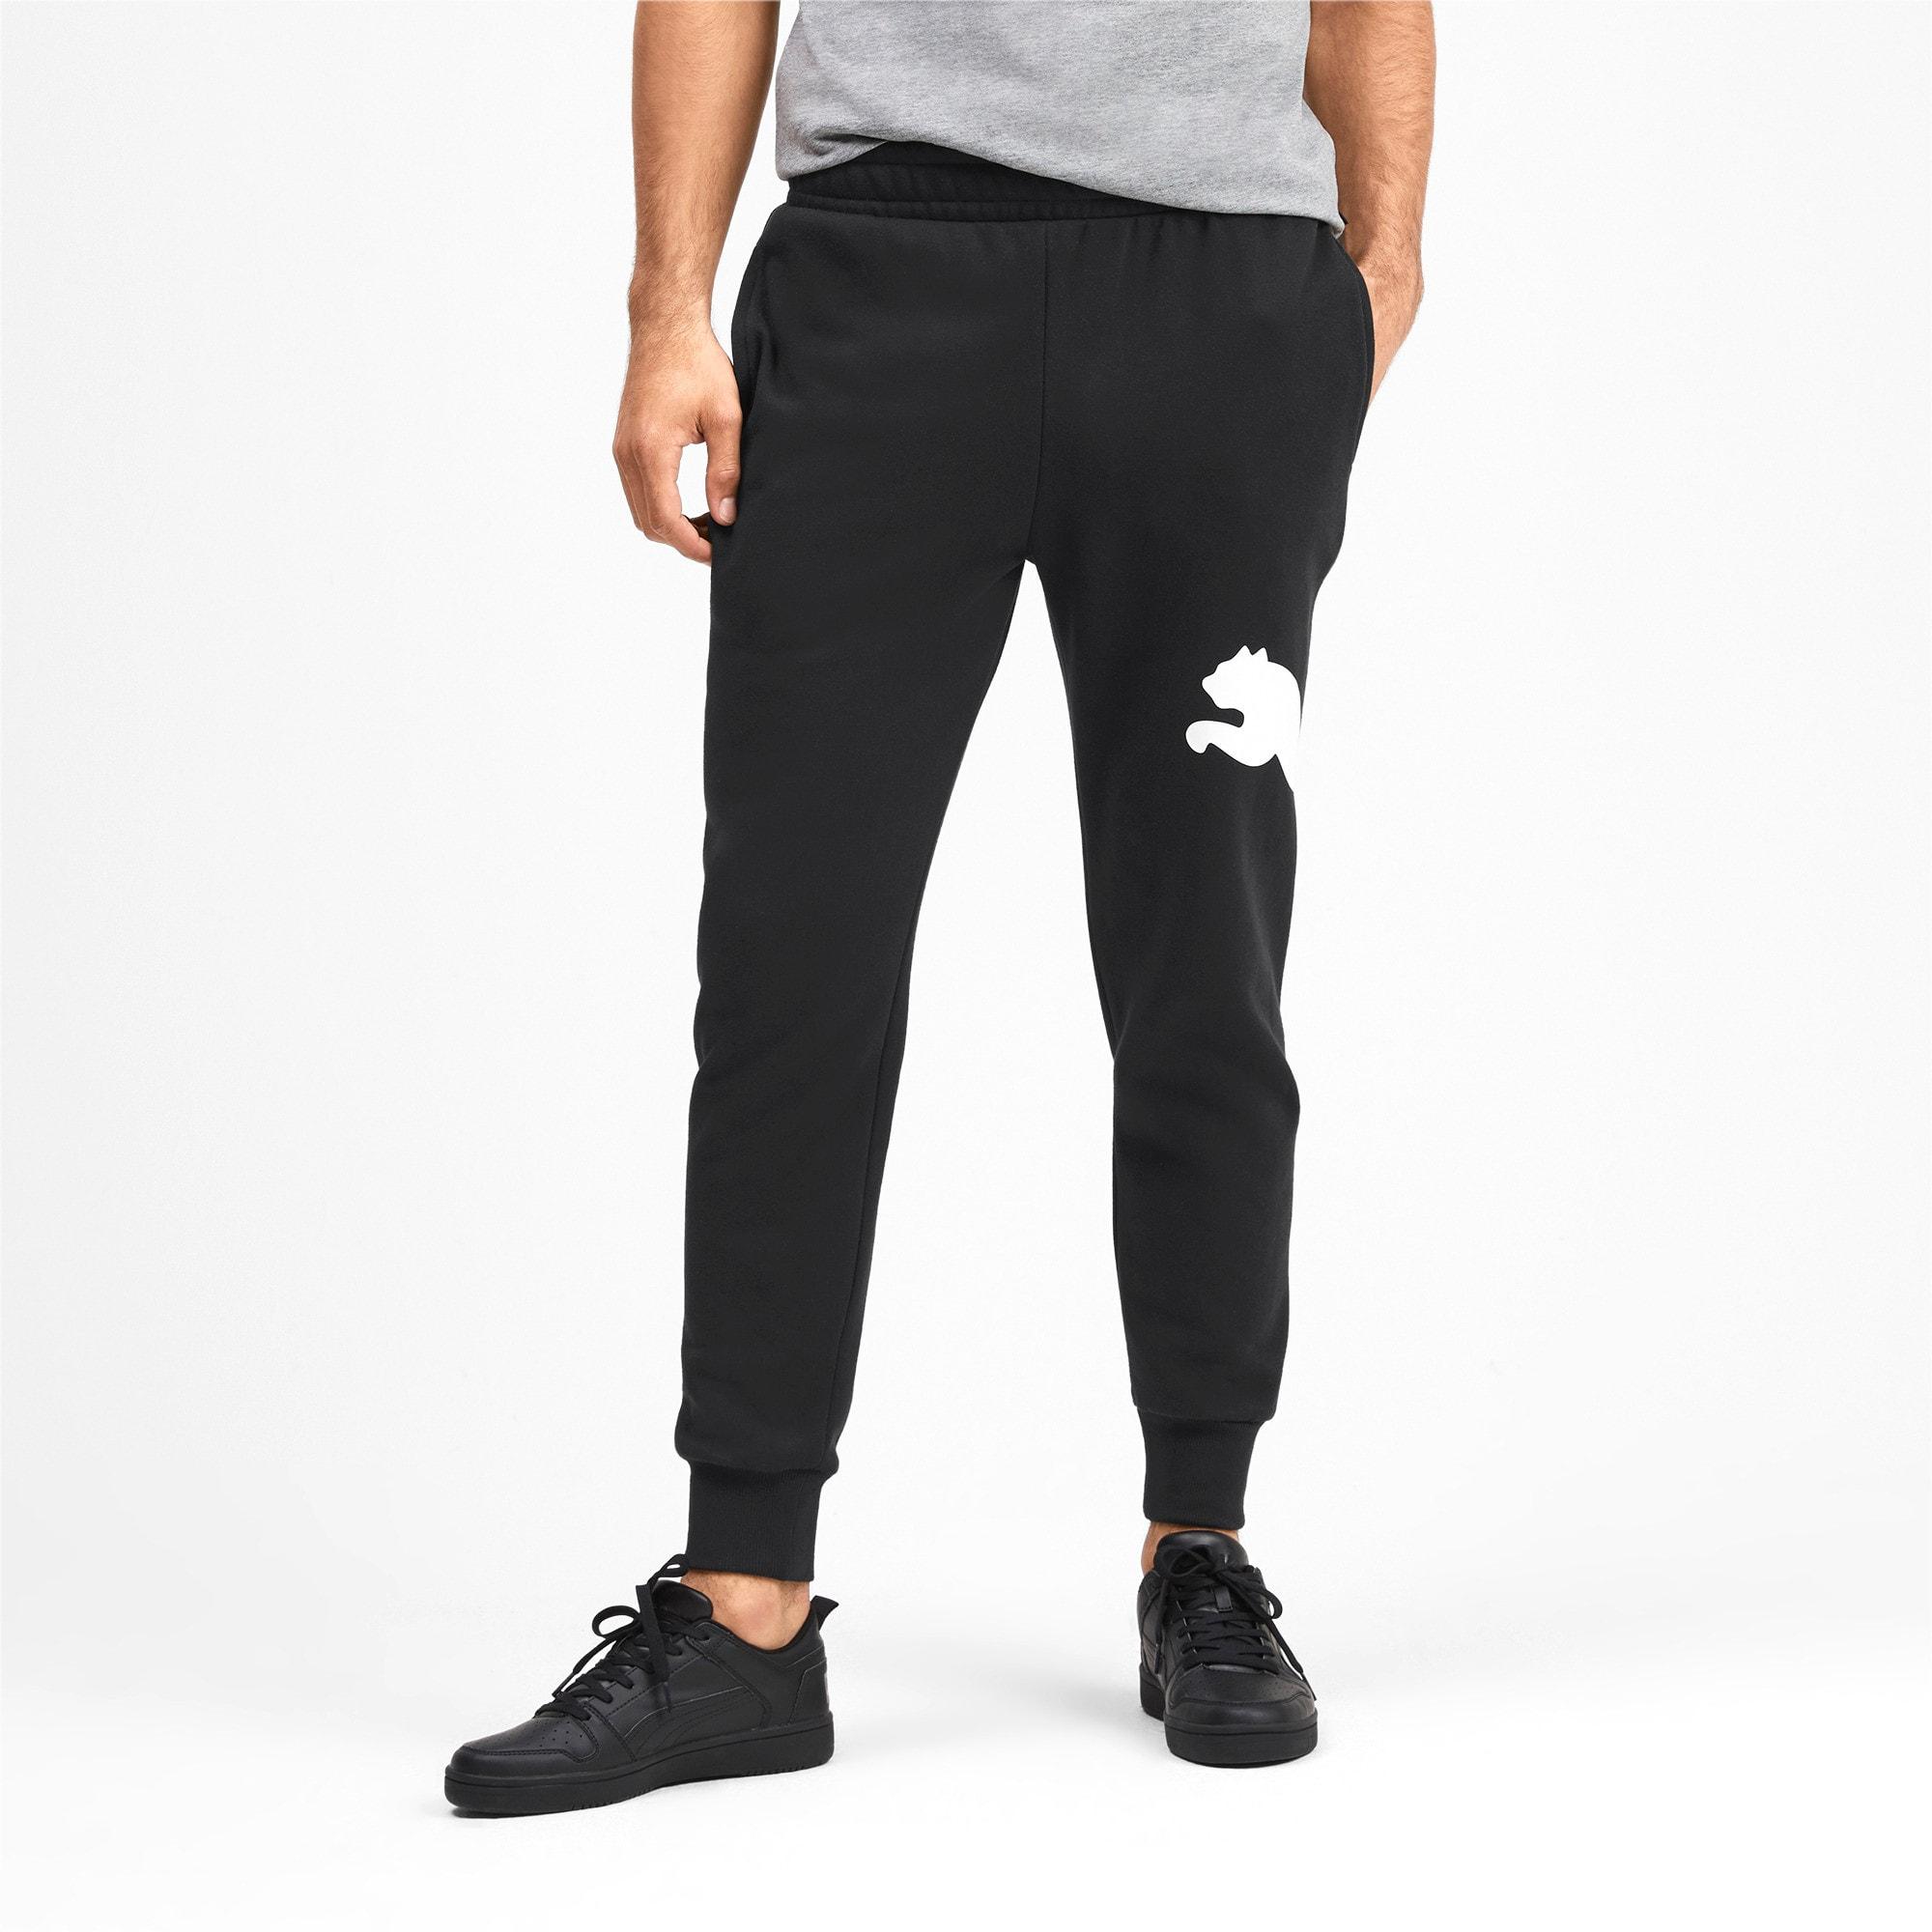 Thumbnail 2 of Men's Big Logo Fleece Sweatpants, Puma Black, medium